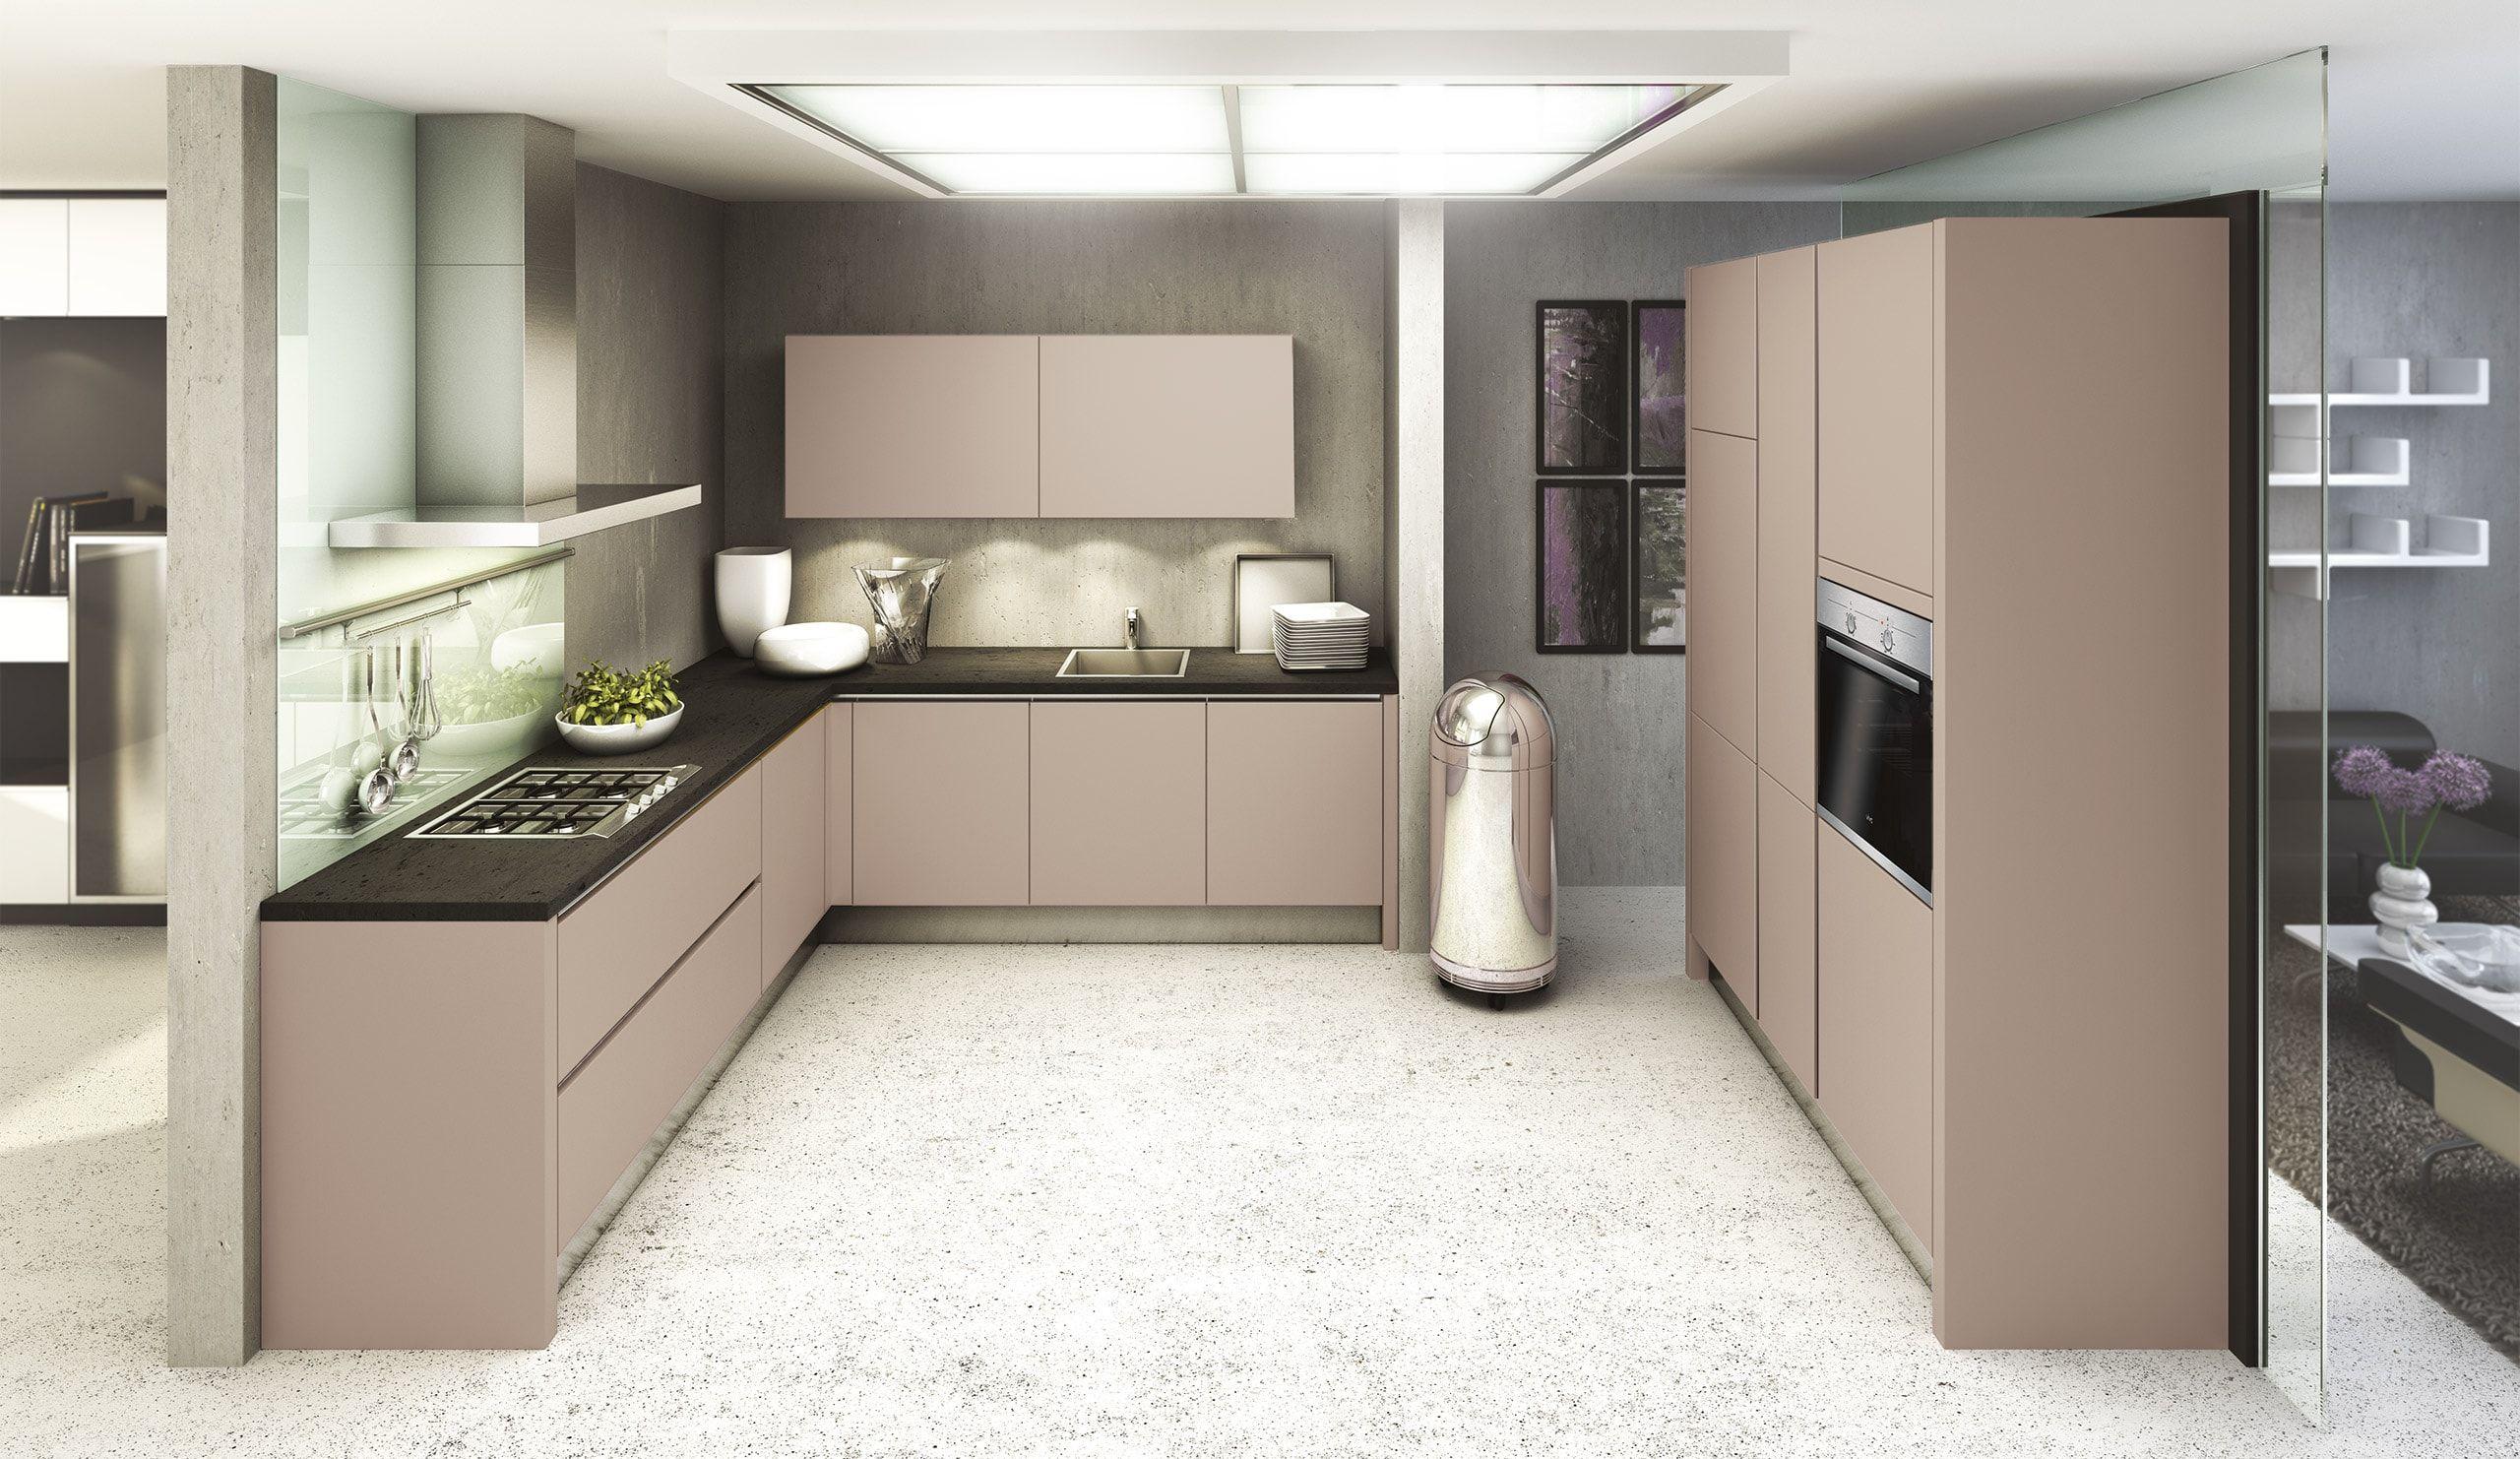 Küche Grau Weiß Cool Collection Wandgestaltung Wohnzimmer